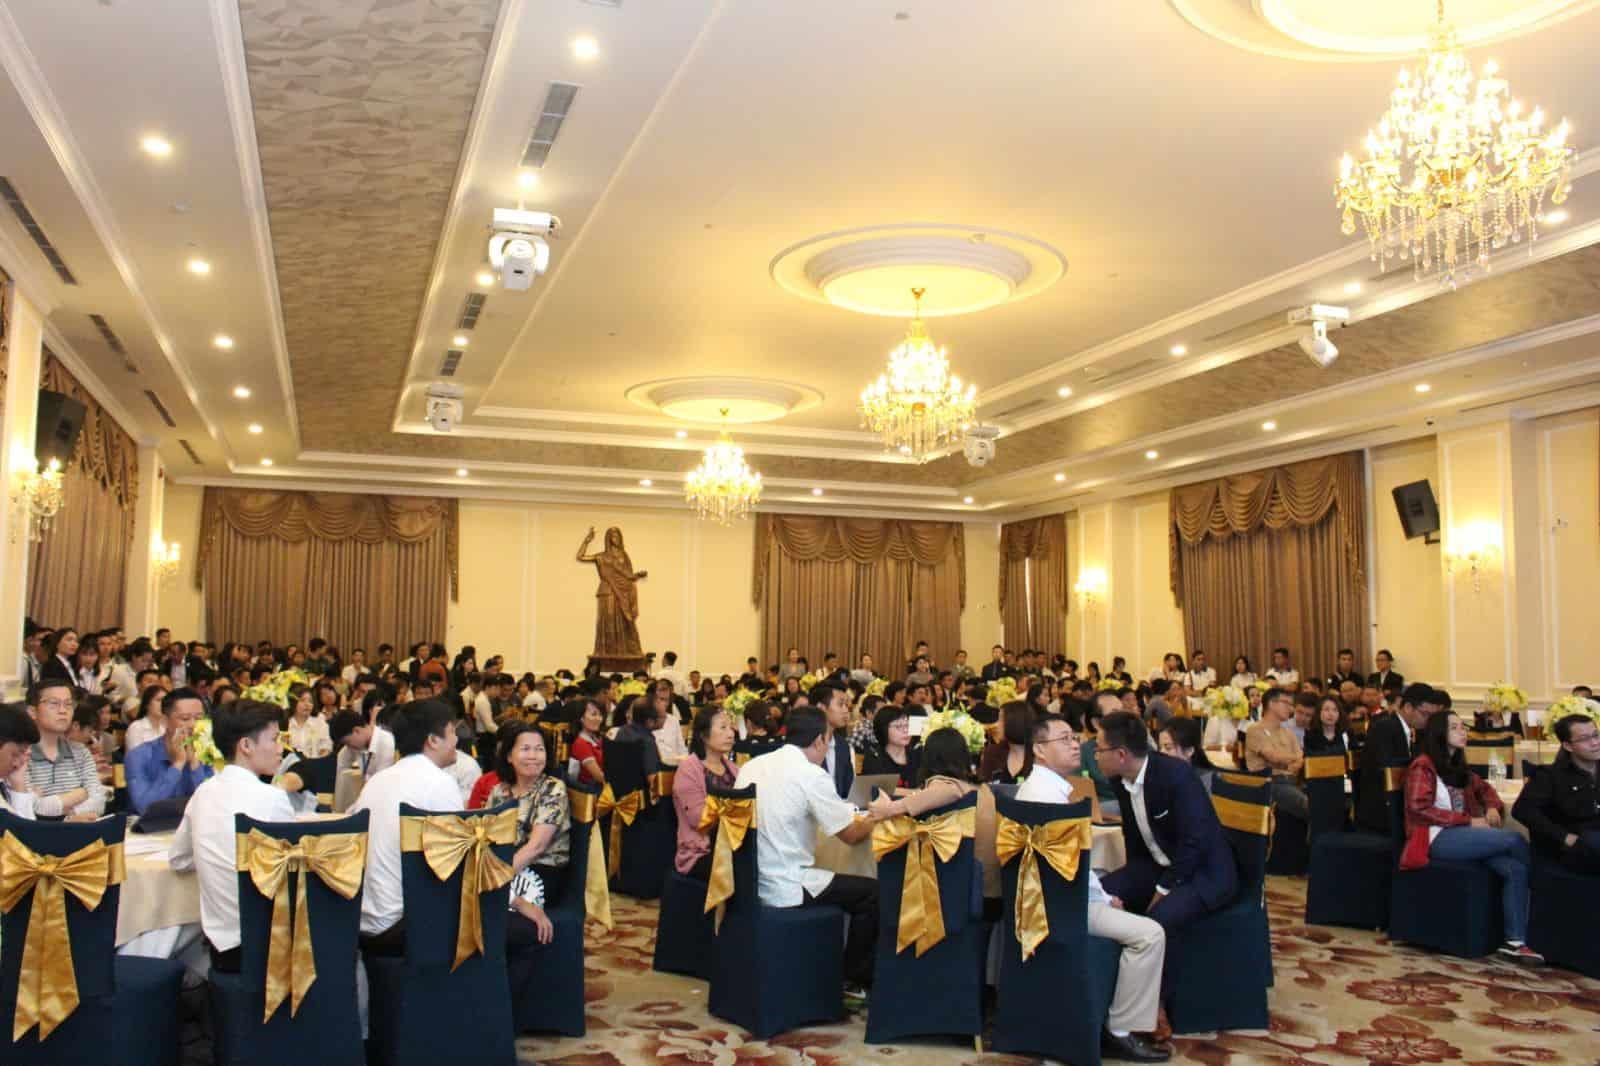 """Tưng bừng sự kiện bán hàng dự án Sunshine City Sài Gòn, chinh phục những khách hàng """"khó tính"""""""